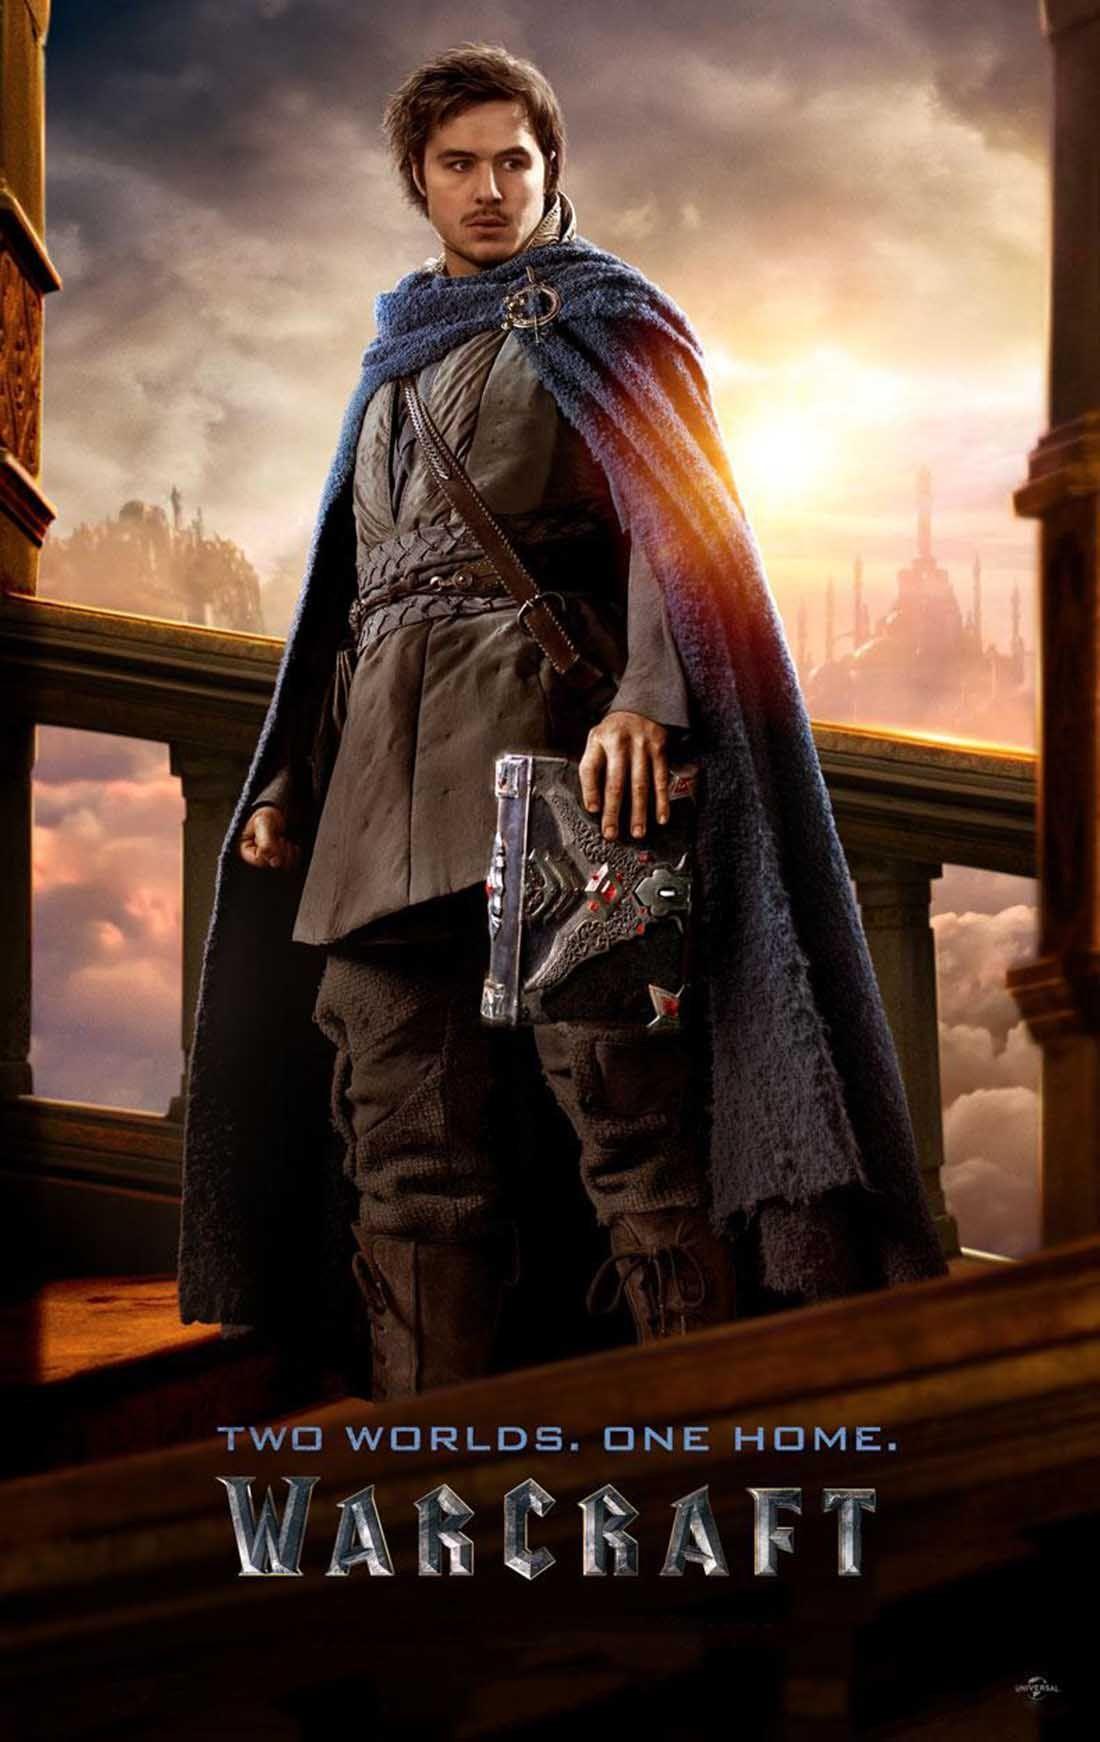 Warcraft 2016 Ben Schnetzer Khadgar World Of Warcraft Movie Warcraft Film Warcraft Movie